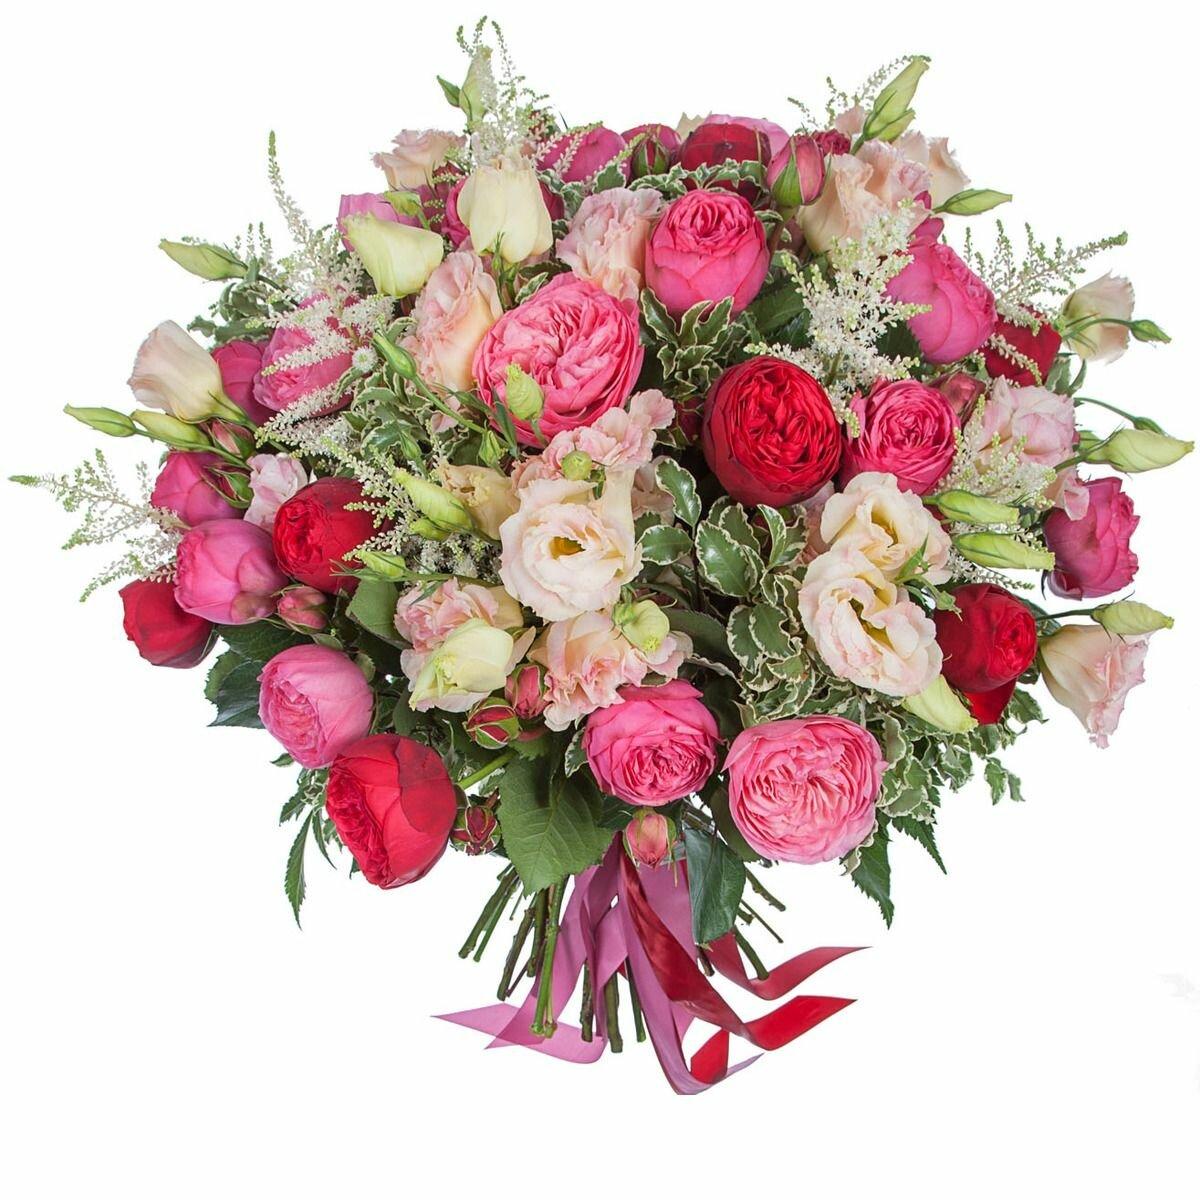 Название букету роз